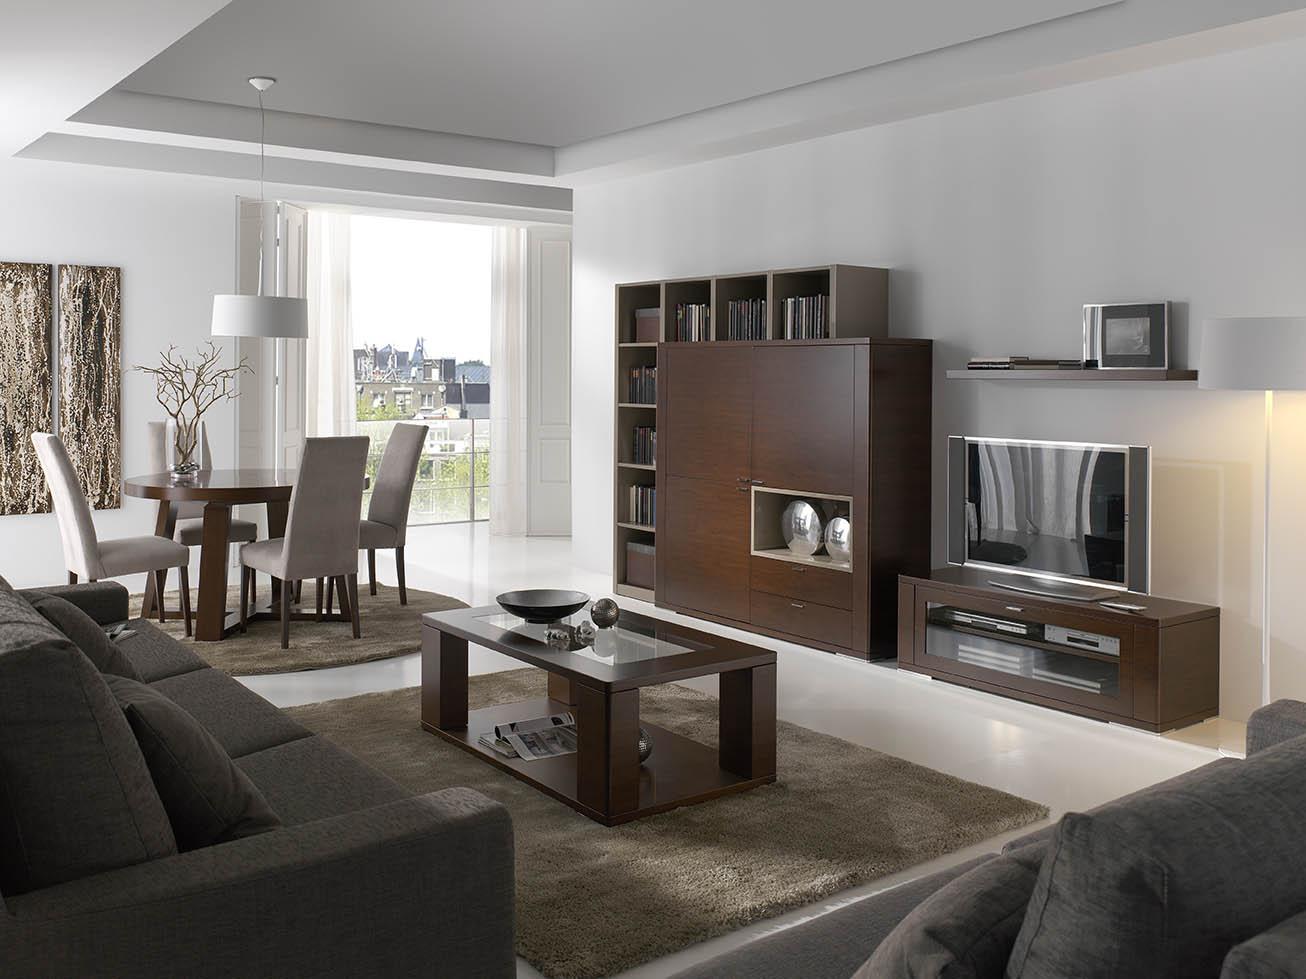 Se venden muebles buenos si creaciones loyra blog for Muebles de salon valencia